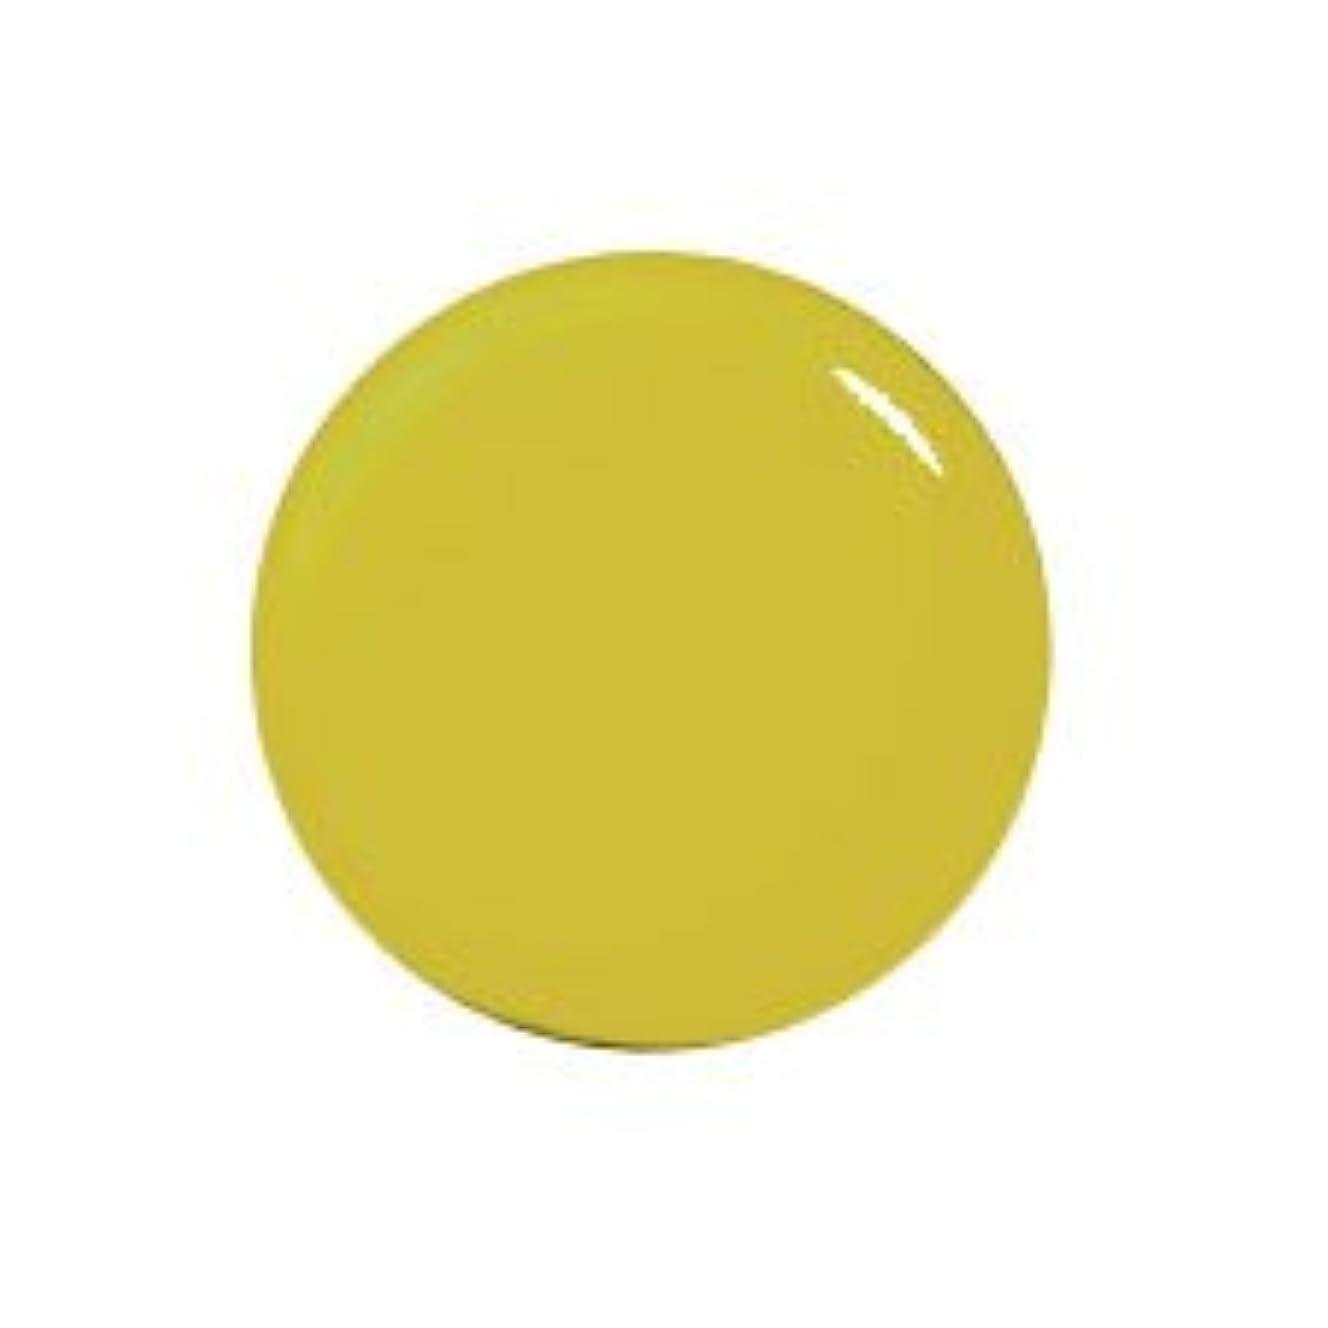 ラフレシアアルノルディサイズ振る舞いプティール カラージェル 162 ピスタチオオリーブ 2g